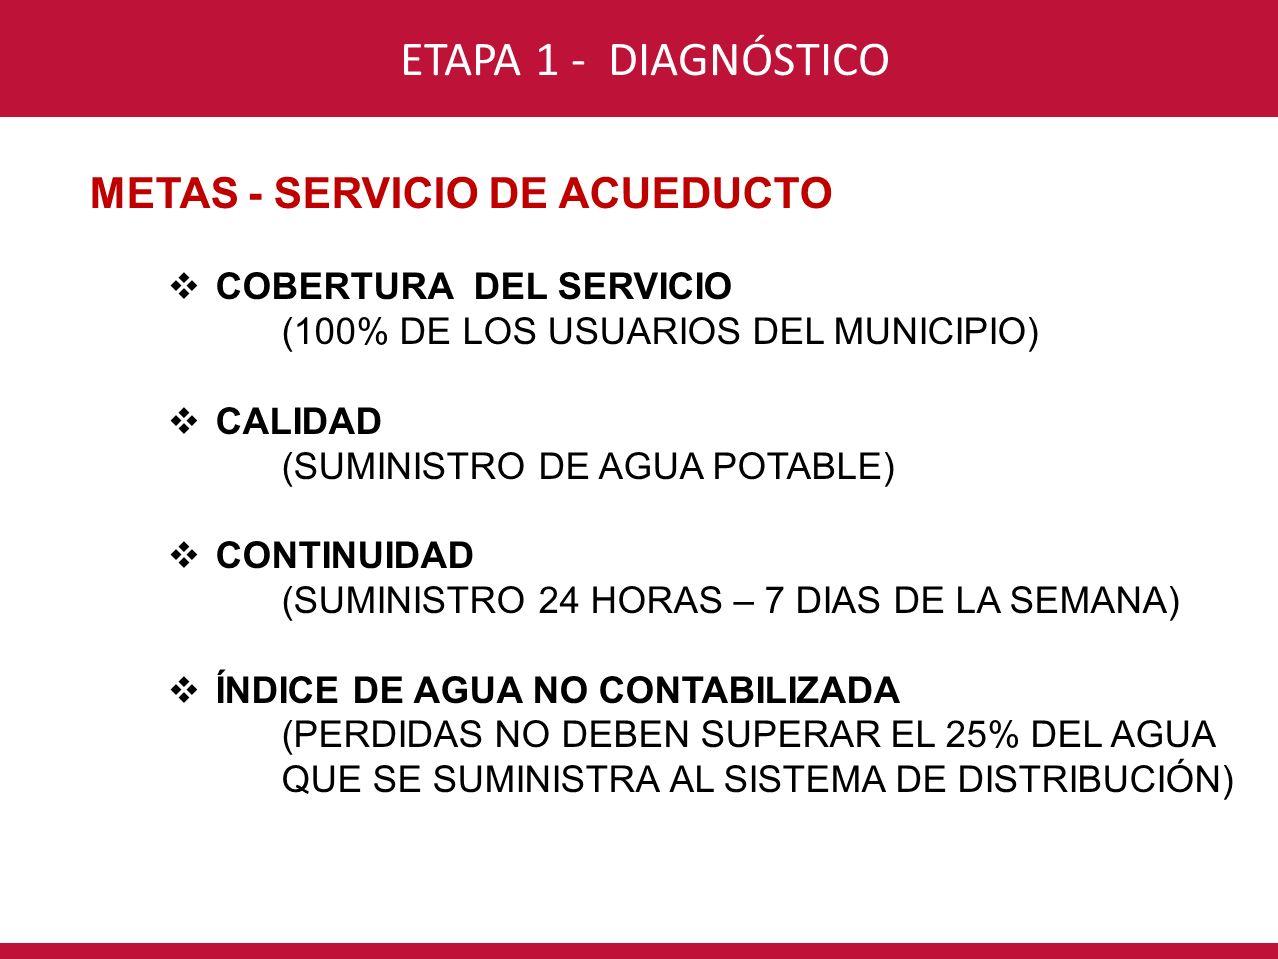 CONSORCIO INTERVENTORÍA POR UN NUEVO VALLE ETAPA 1 - DIAGNÓSTICO METAS - SERVICIO DE ACUEDUCTO COBERTURA DEL SERVICIO (100% DE LOS USUARIOS DEL MUNICI